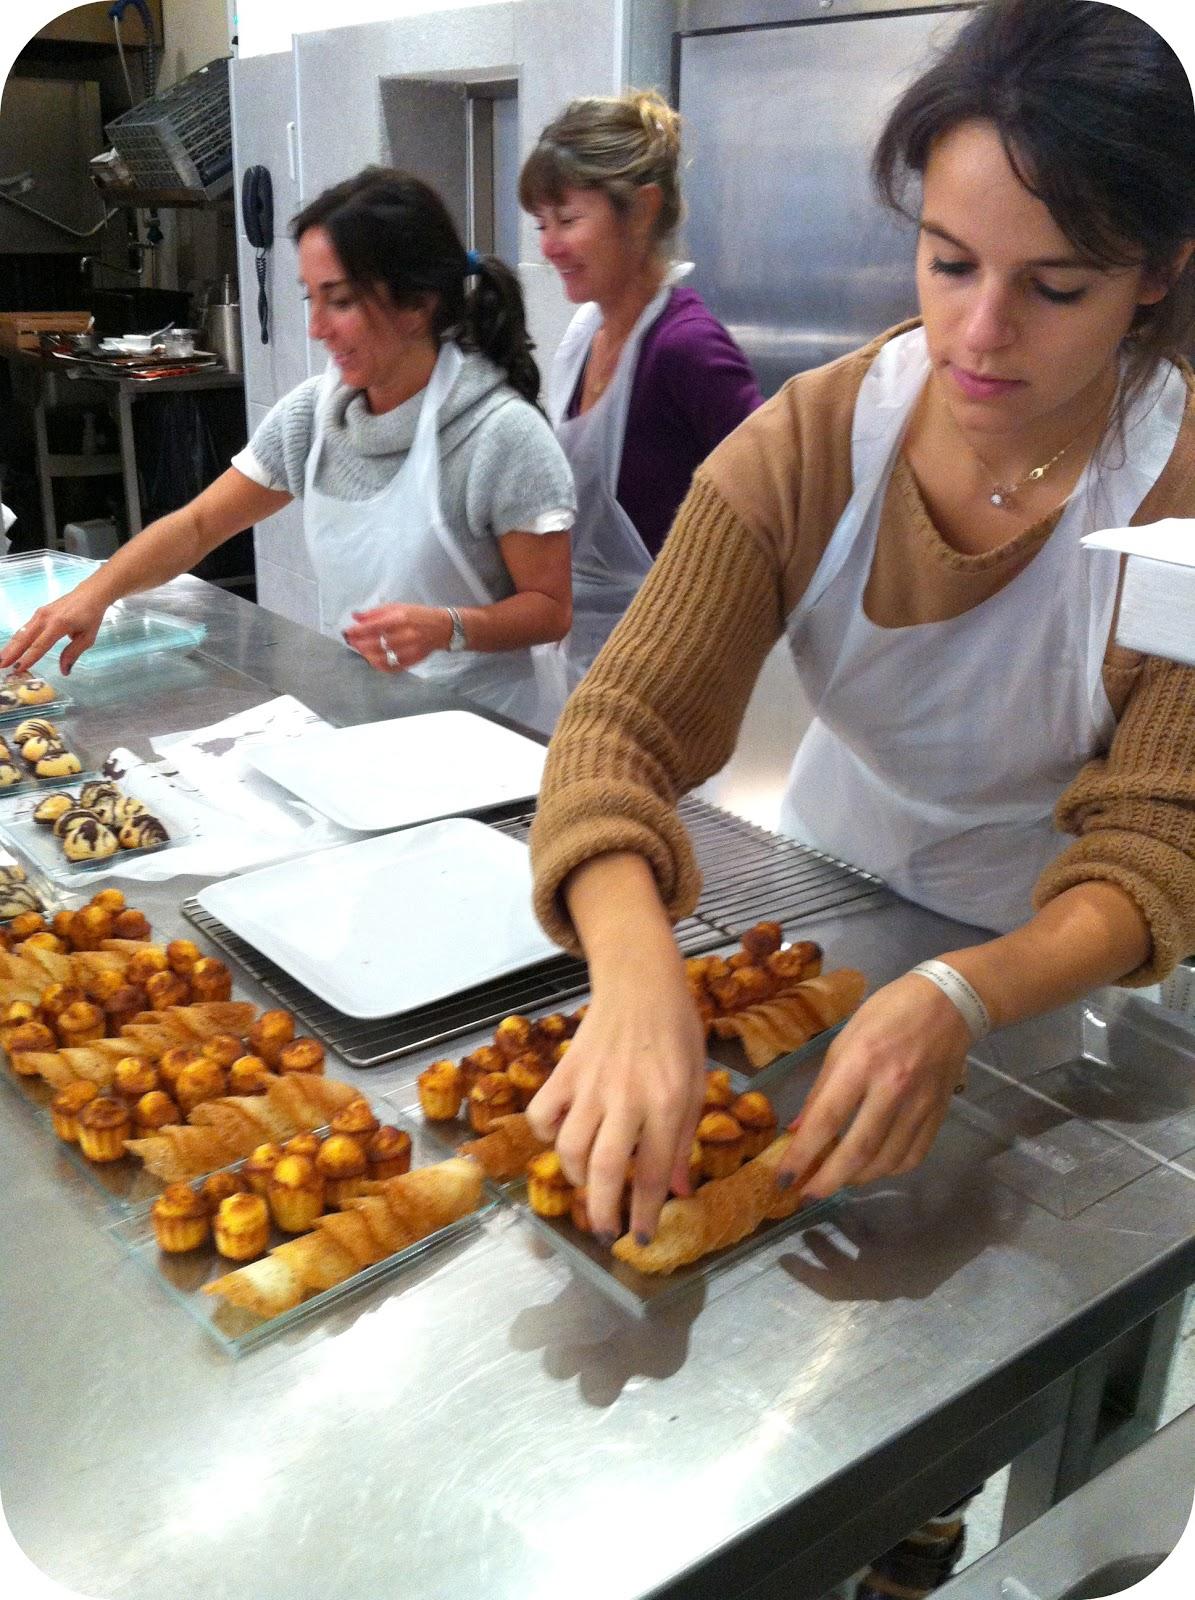 Aur lie aim cours de cuisine - Cours de cuisine amateur ...